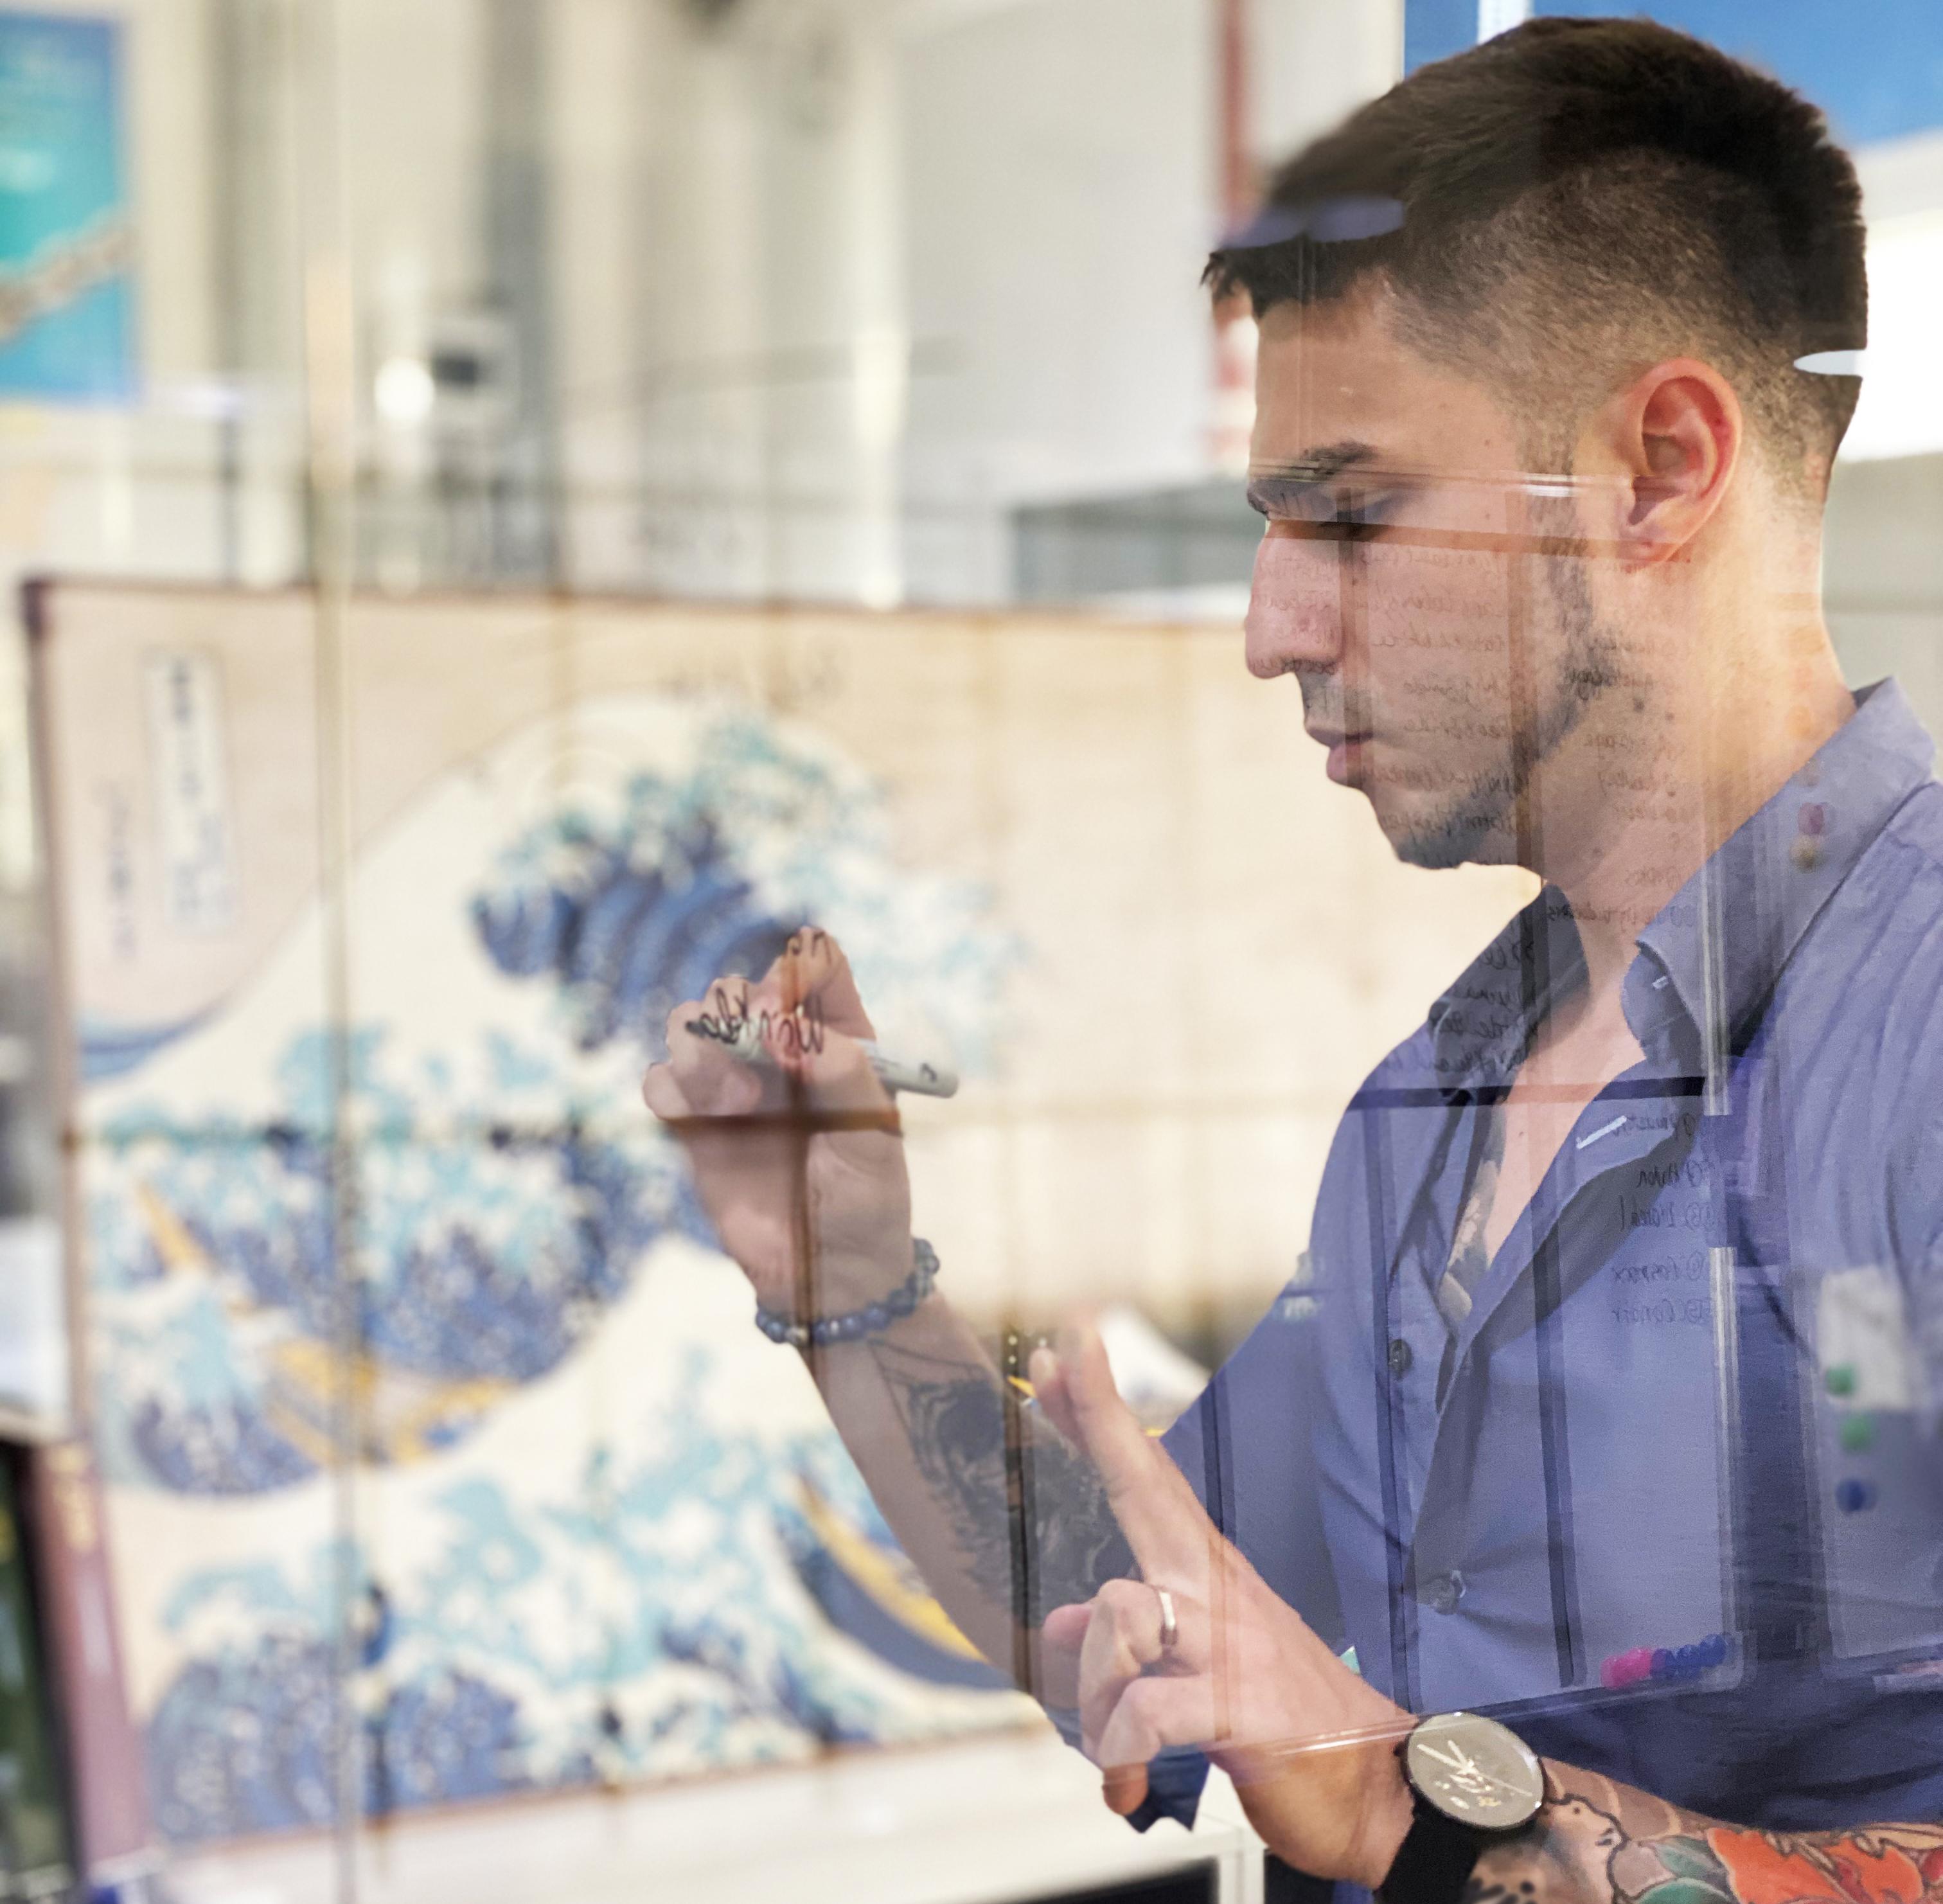 Carlos Lastres, Creative Director